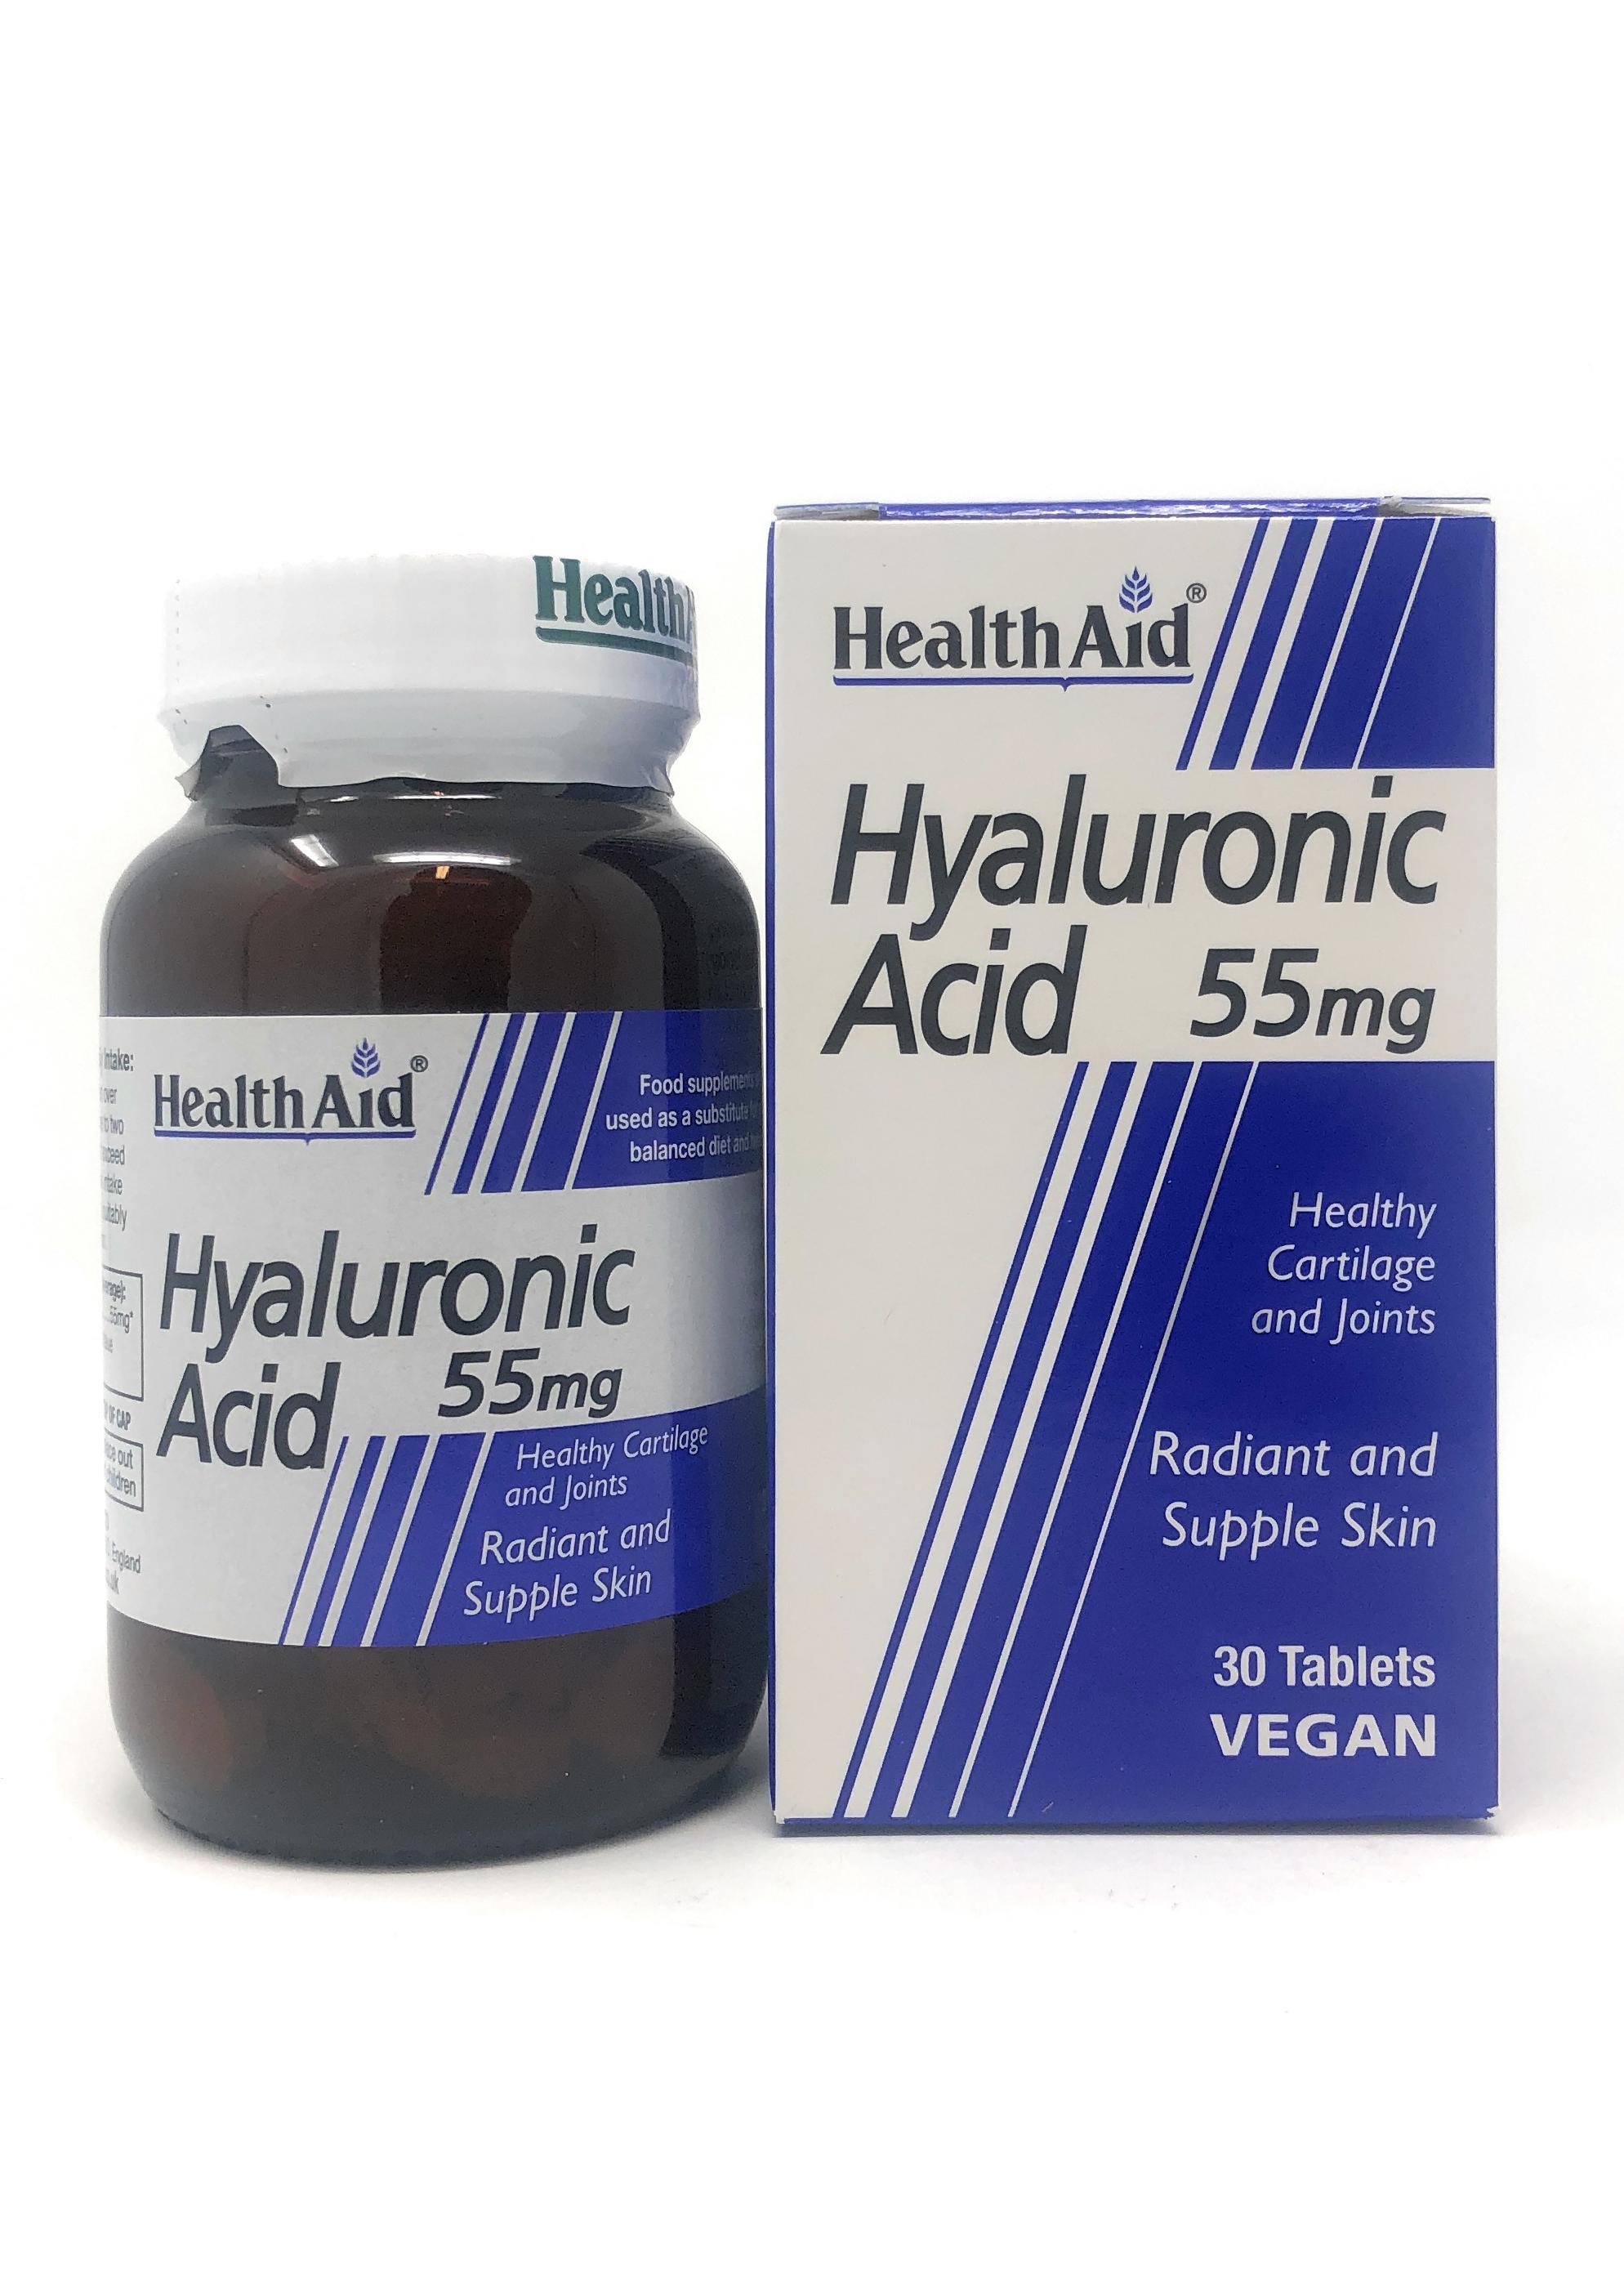 HealthAid Hyaluronic Acid 55mg (Hyaluronsäure) 30 Tabletten (vegan)